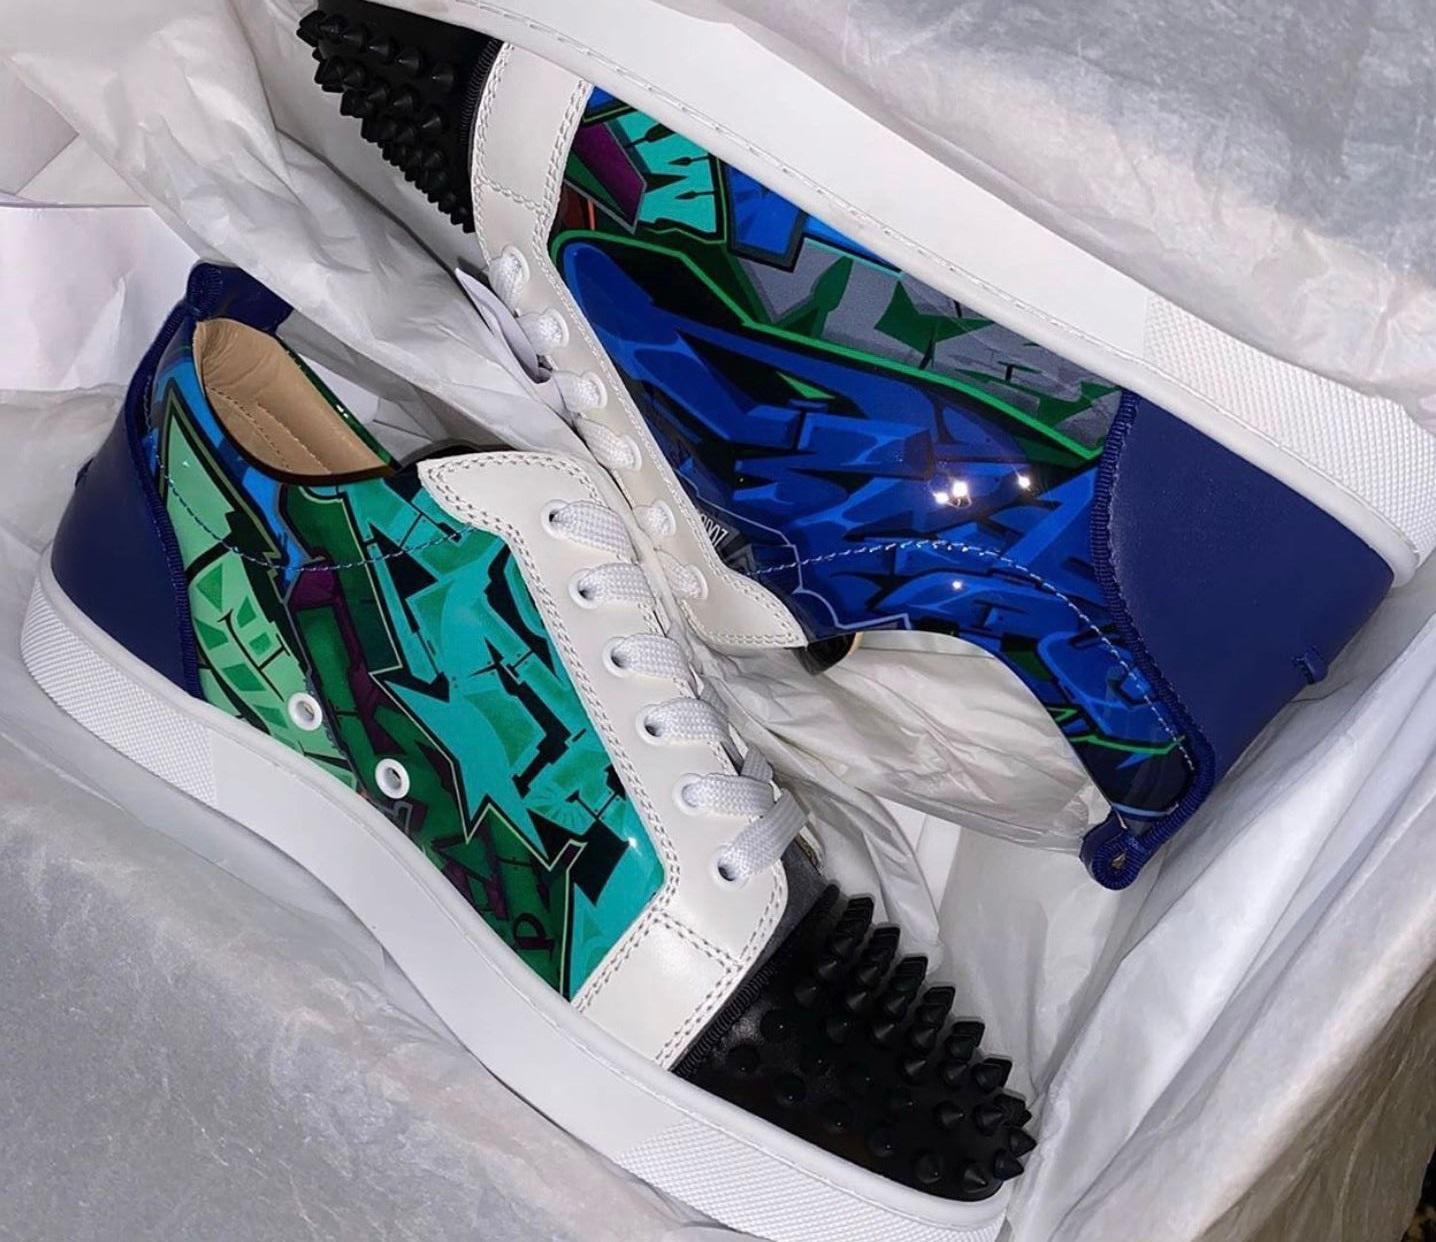 Fresh New Season Junior Vermelho Solas Design Mulheres, Homens Nospike Sneaker Vermelho Bottom Sapatos Masculinos Low top trens com impressão de moda